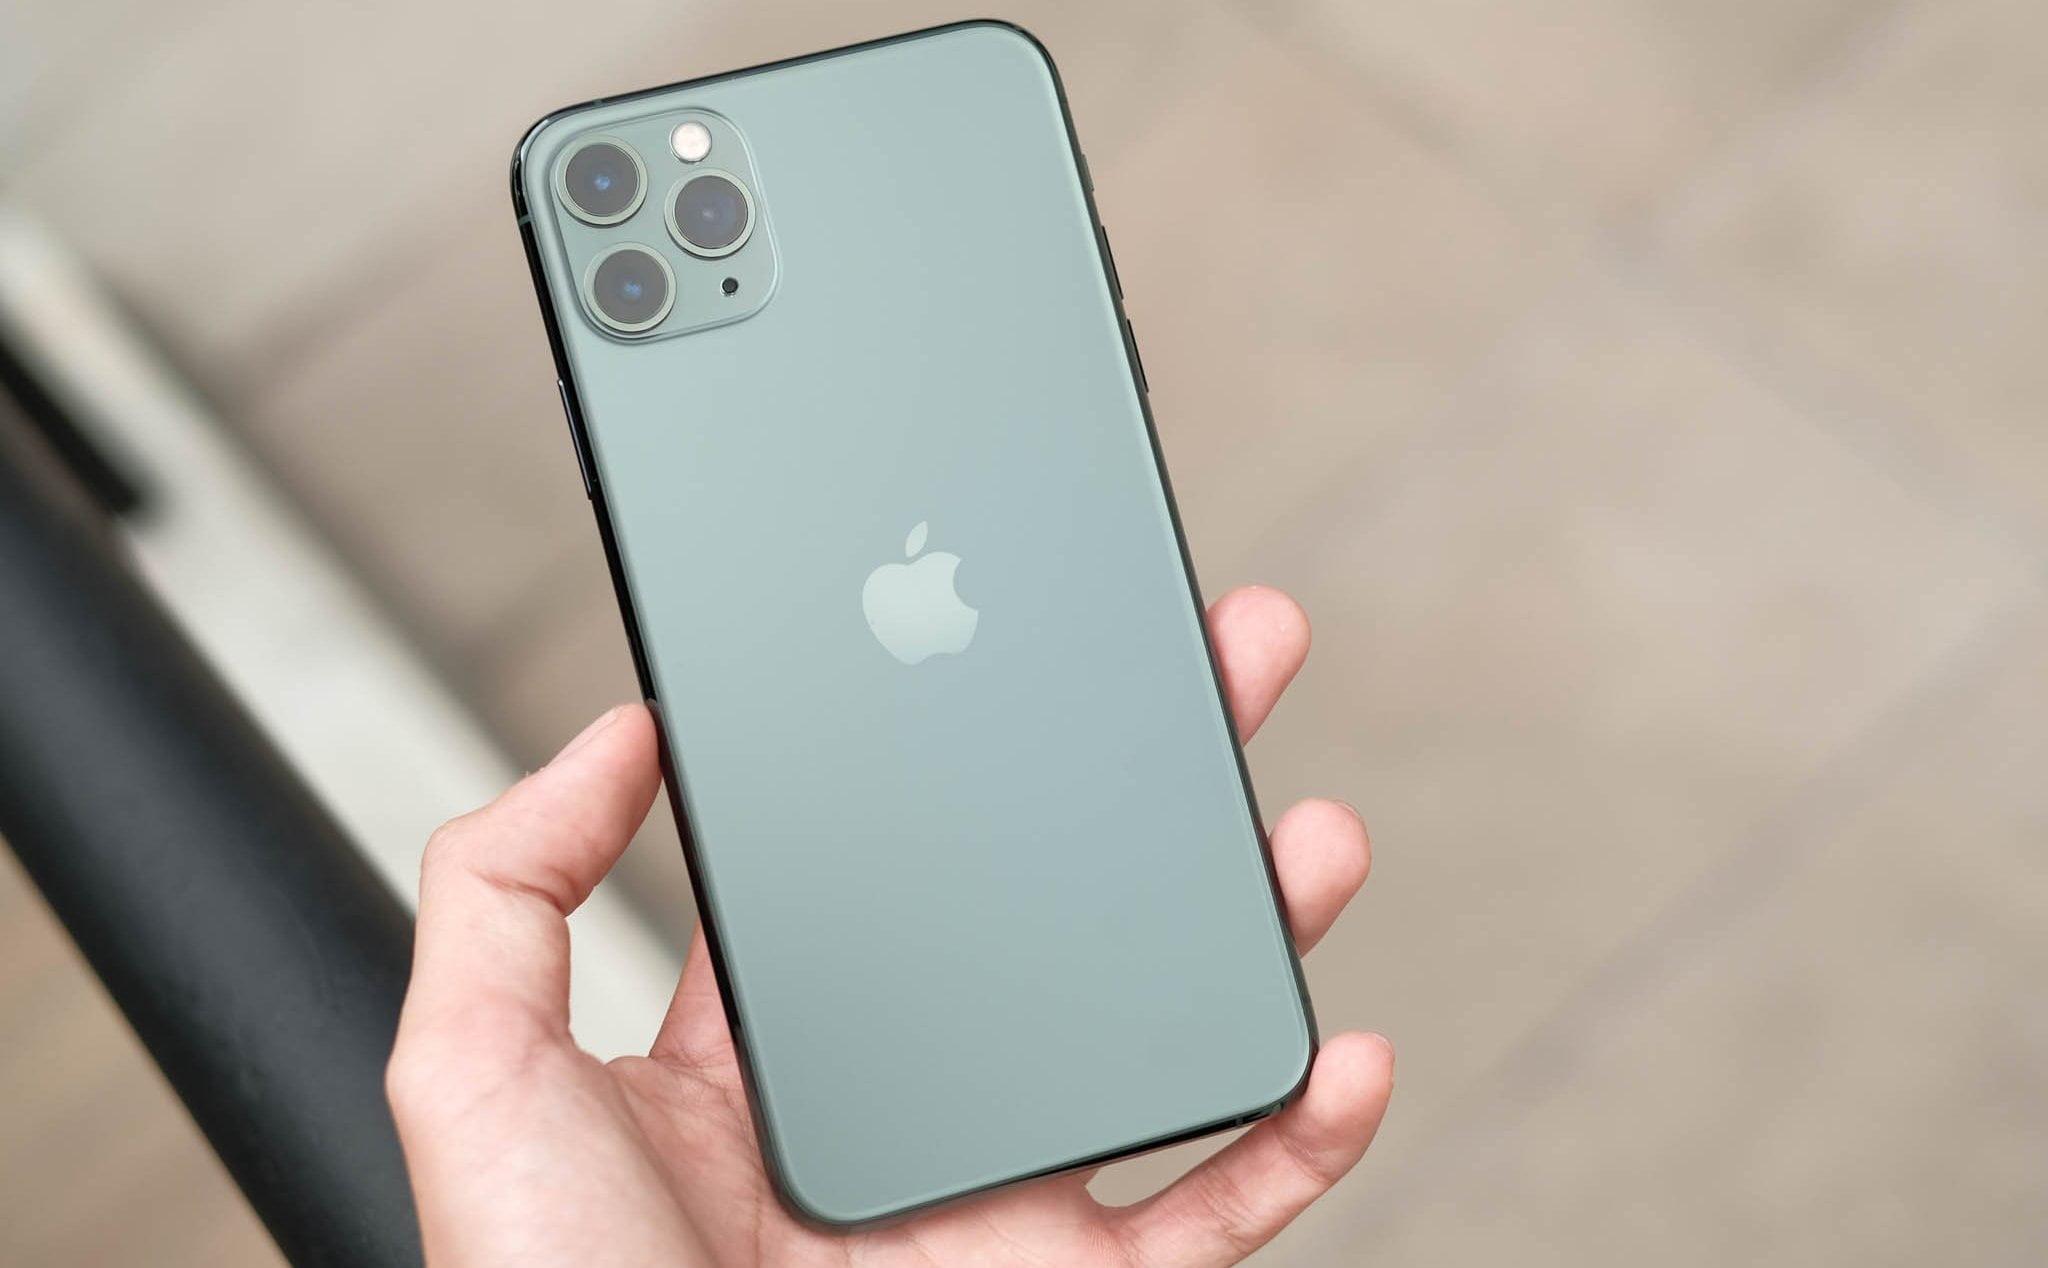 Cách Khóa Điện Thoại iPhone Khi Bị Mất - Phụ Kiện Vàng - Phụ kiện công nghệ  cao cấp